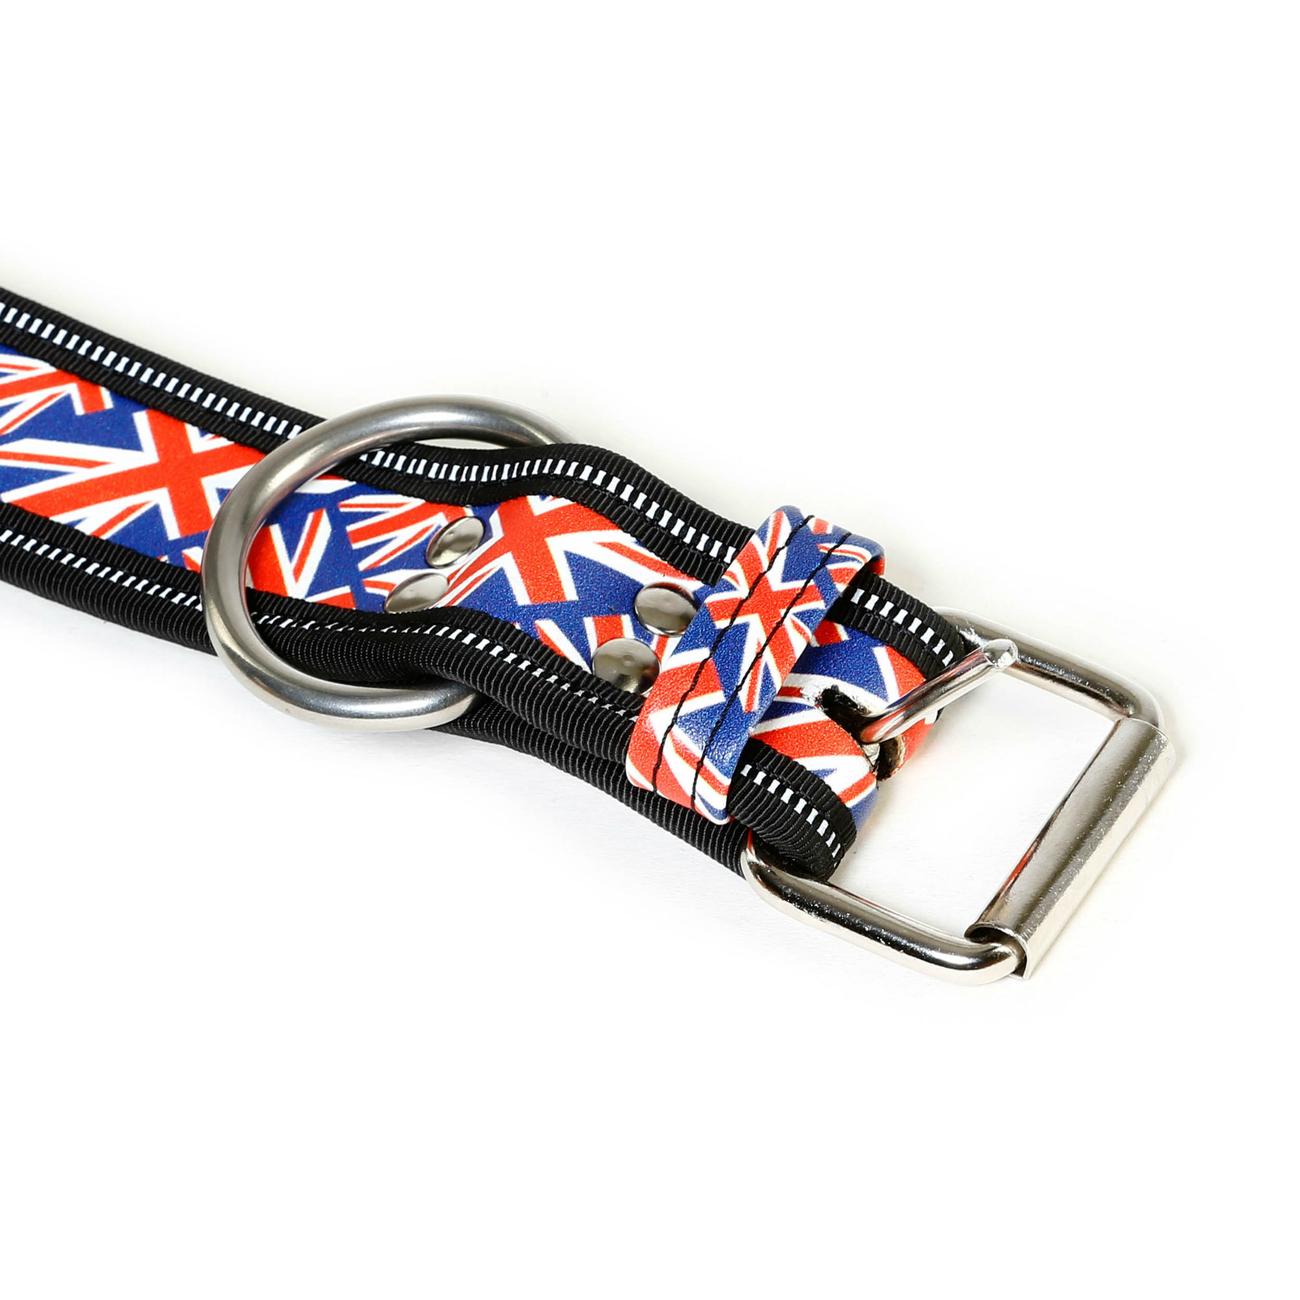 Julius K9 K9® Flaggenhalsband britisch, Bild 10